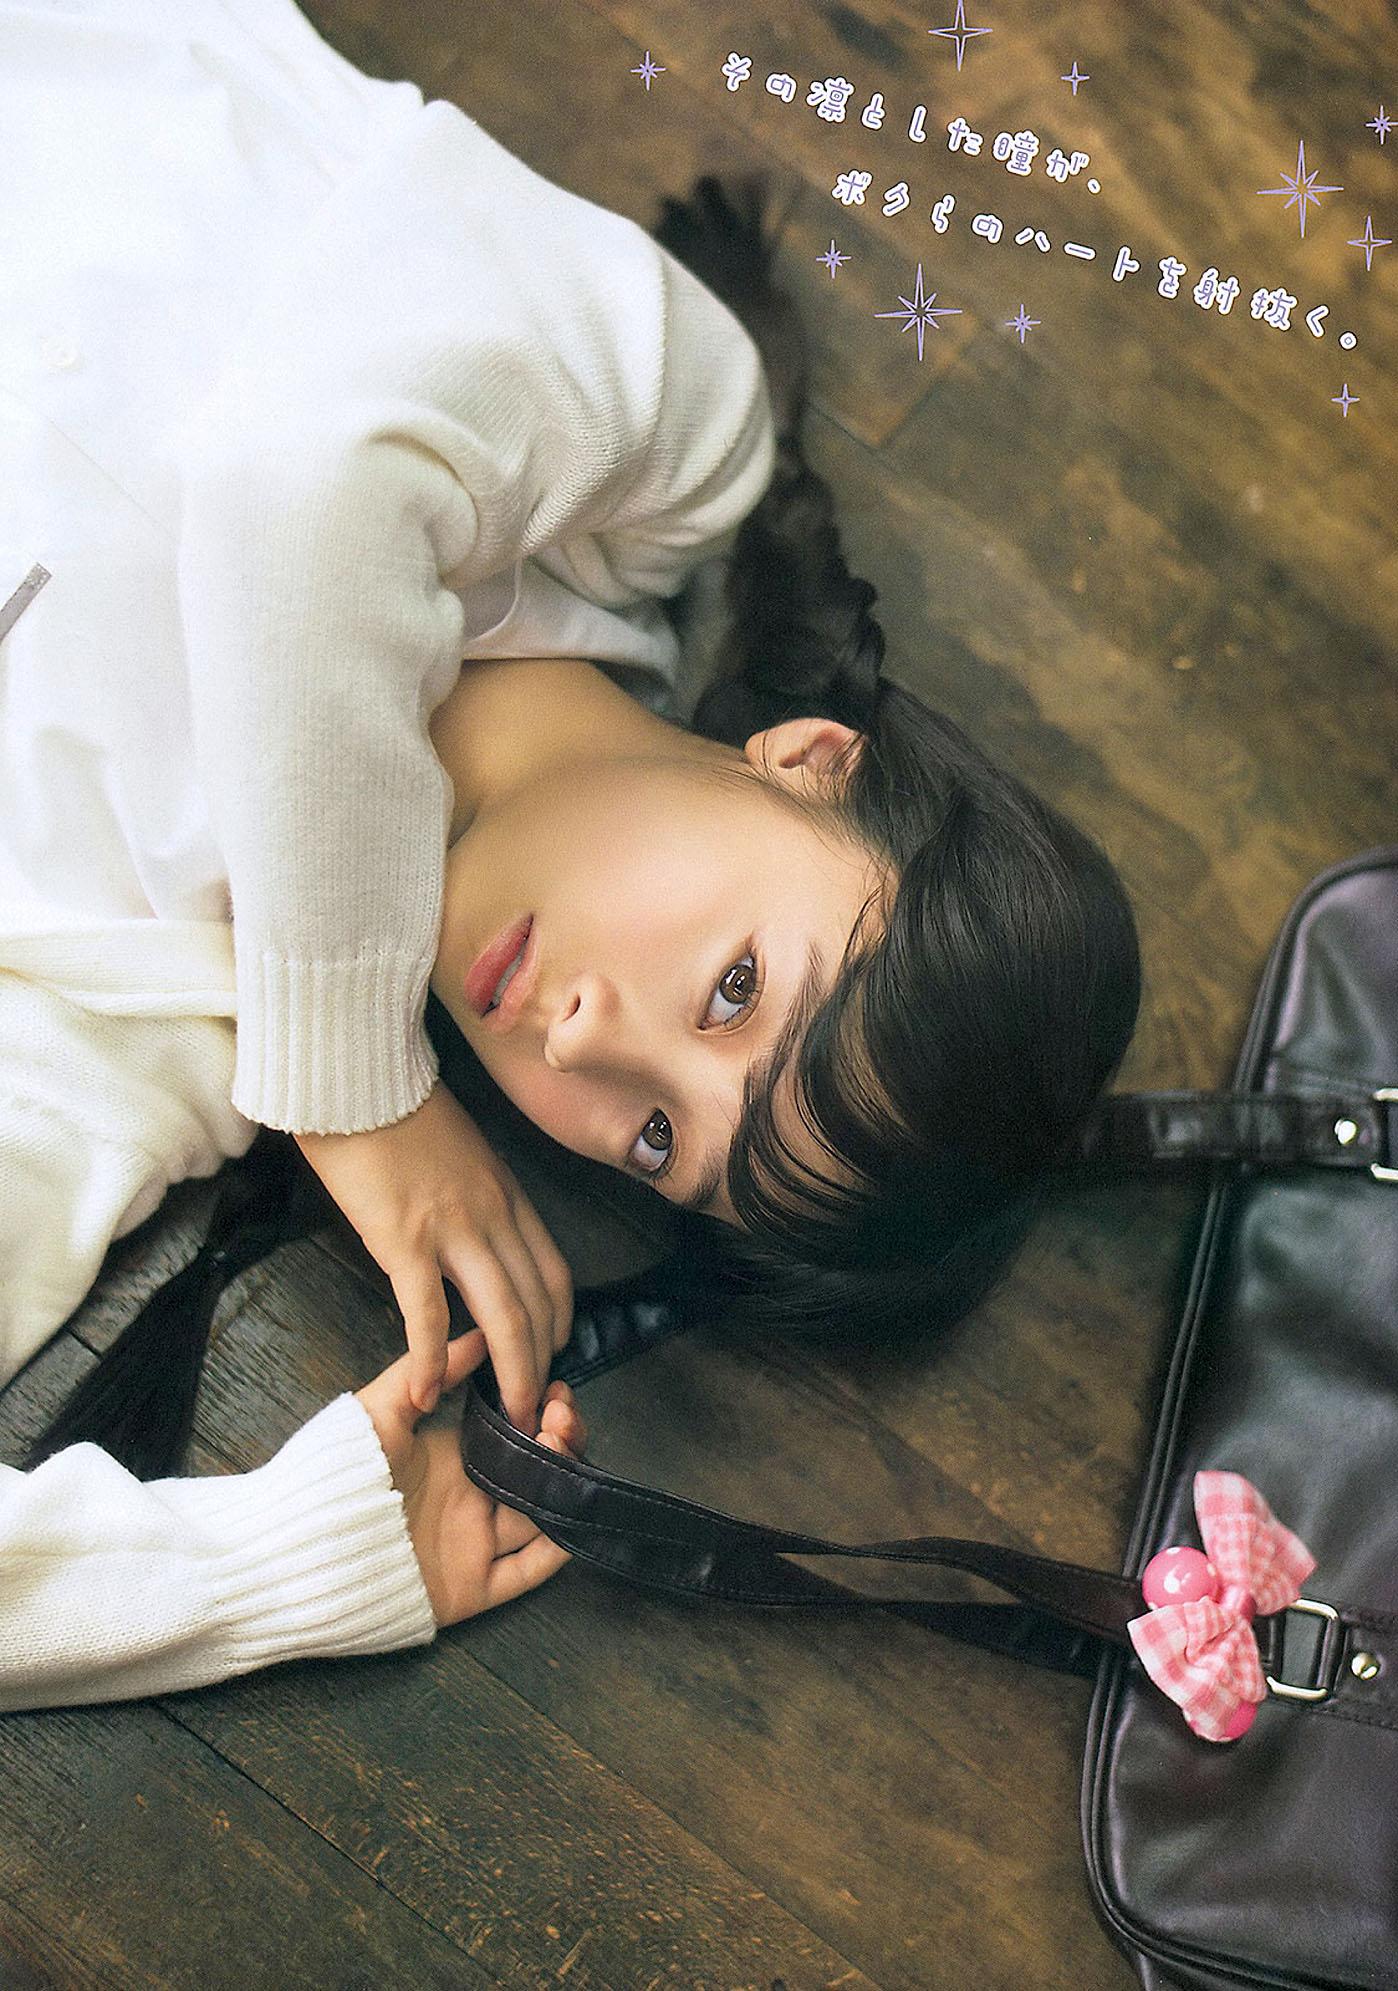 KHashimoto Young Magazine 150101 05.jpg